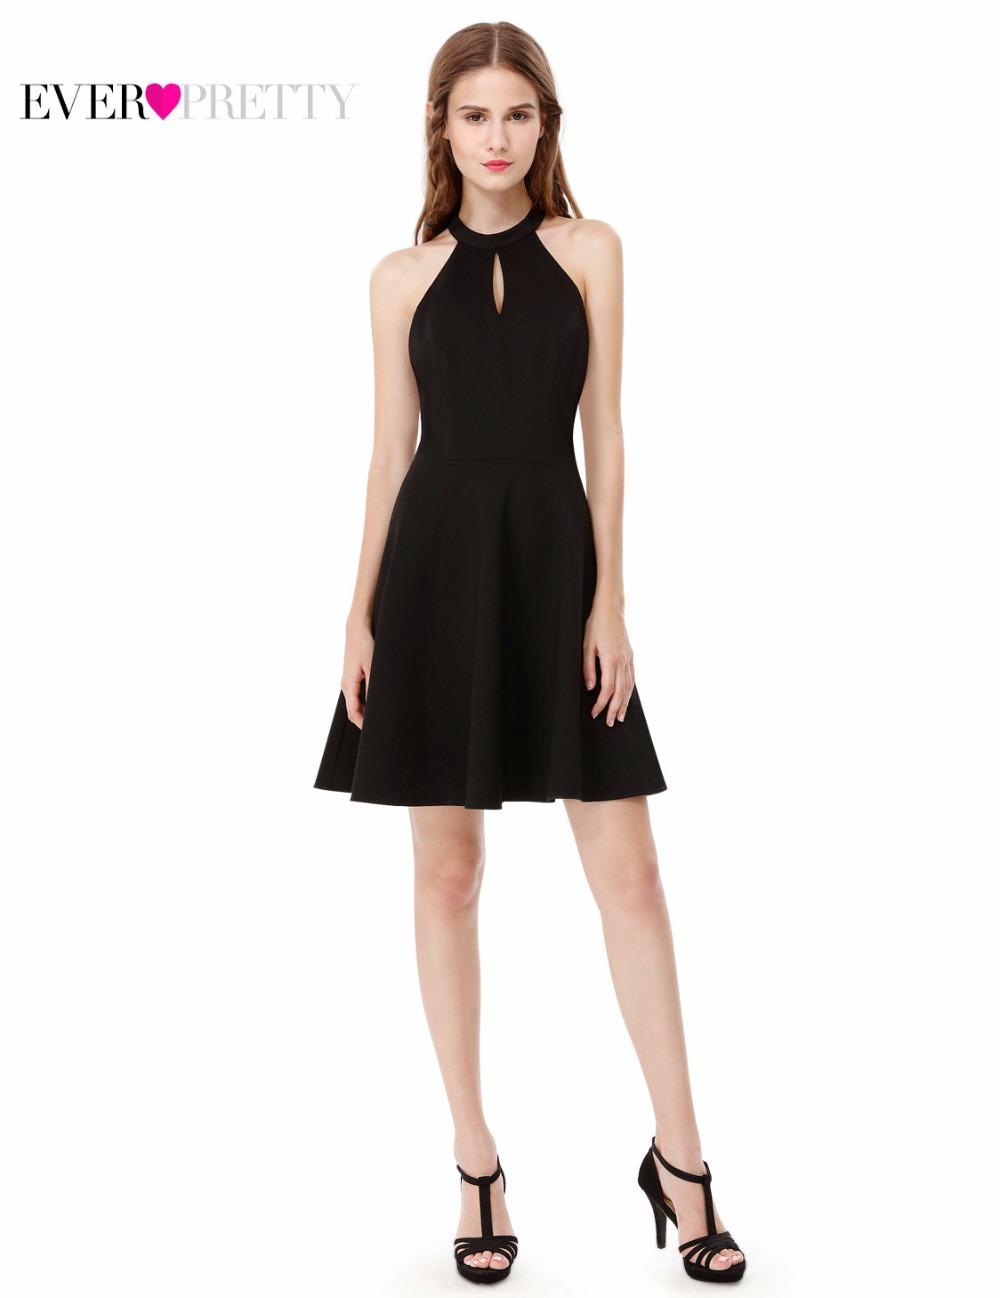 [해외]2017 칵테일 드레스 코튼 제국 홀터 미니 파티 드레스 적 꽤 AS05587 블랙 칵테일 드레스/New Arrival 2017 Cocktail Dresses Cotton Empire Halter Mini Party Dresses Ever Pretty AS055